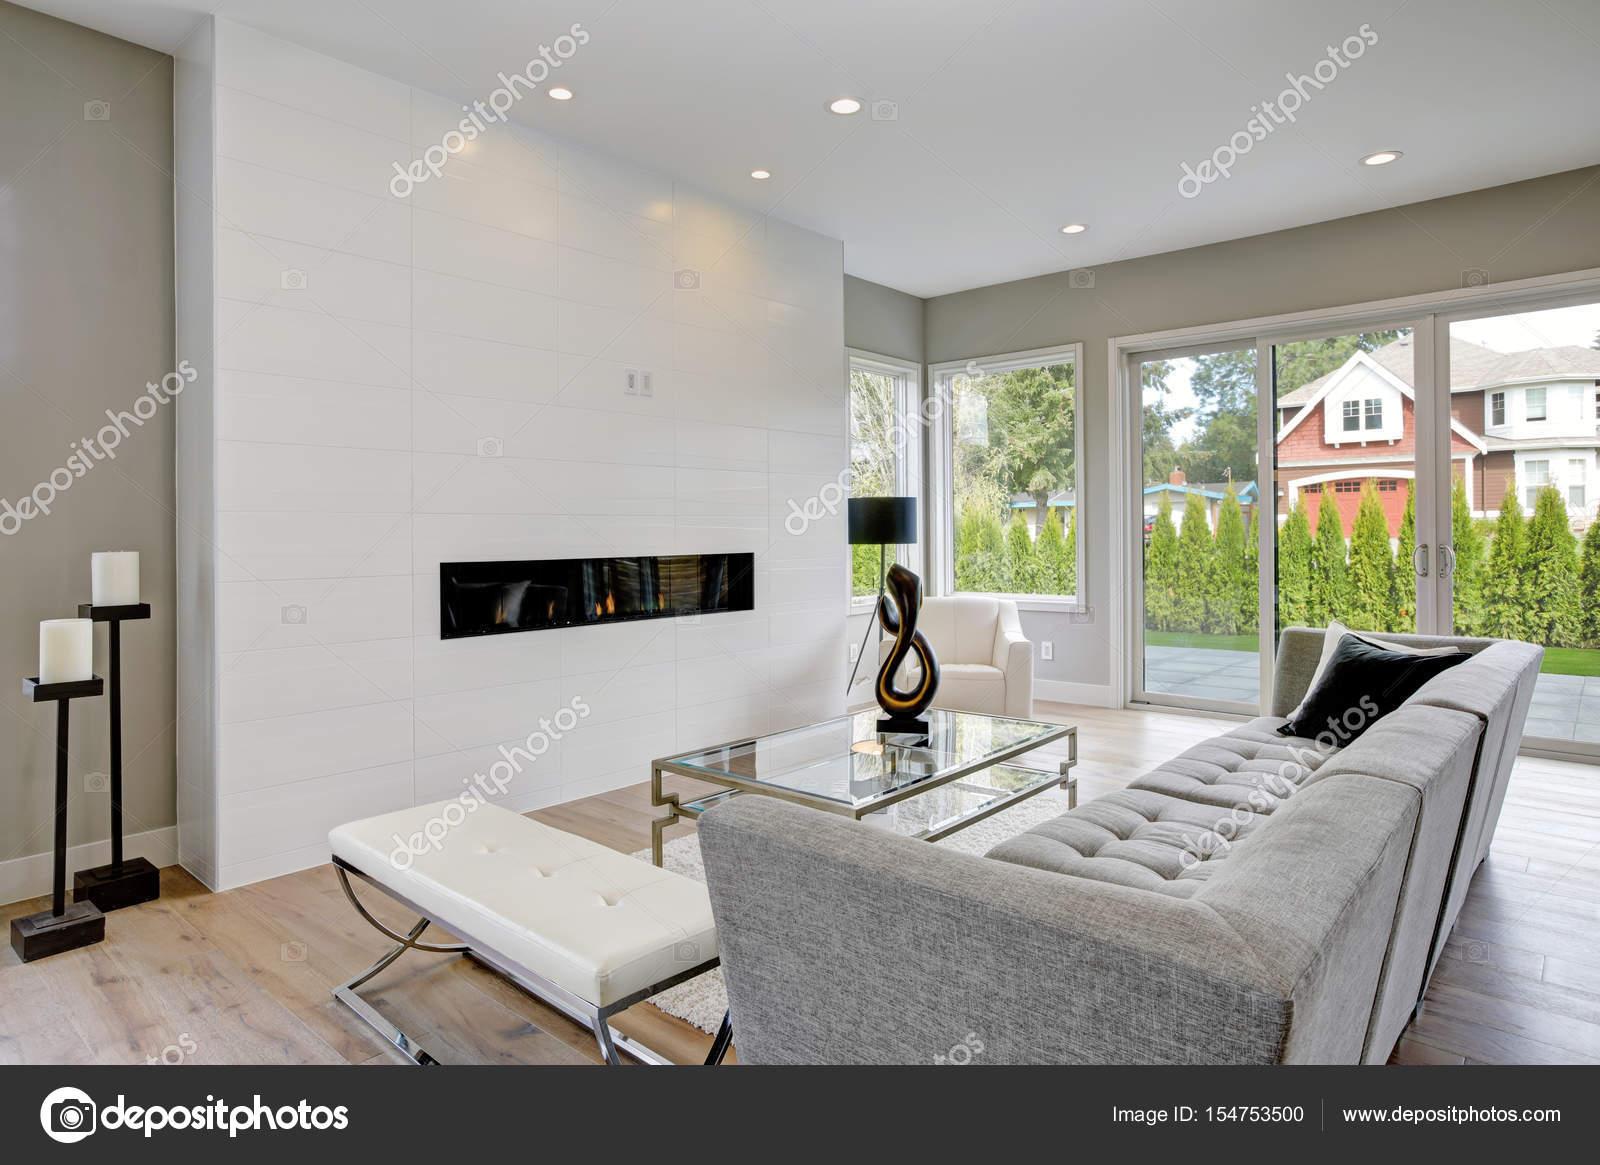 GroB Wohnzimmer Im Modernen Stil U2014 Stockfoto